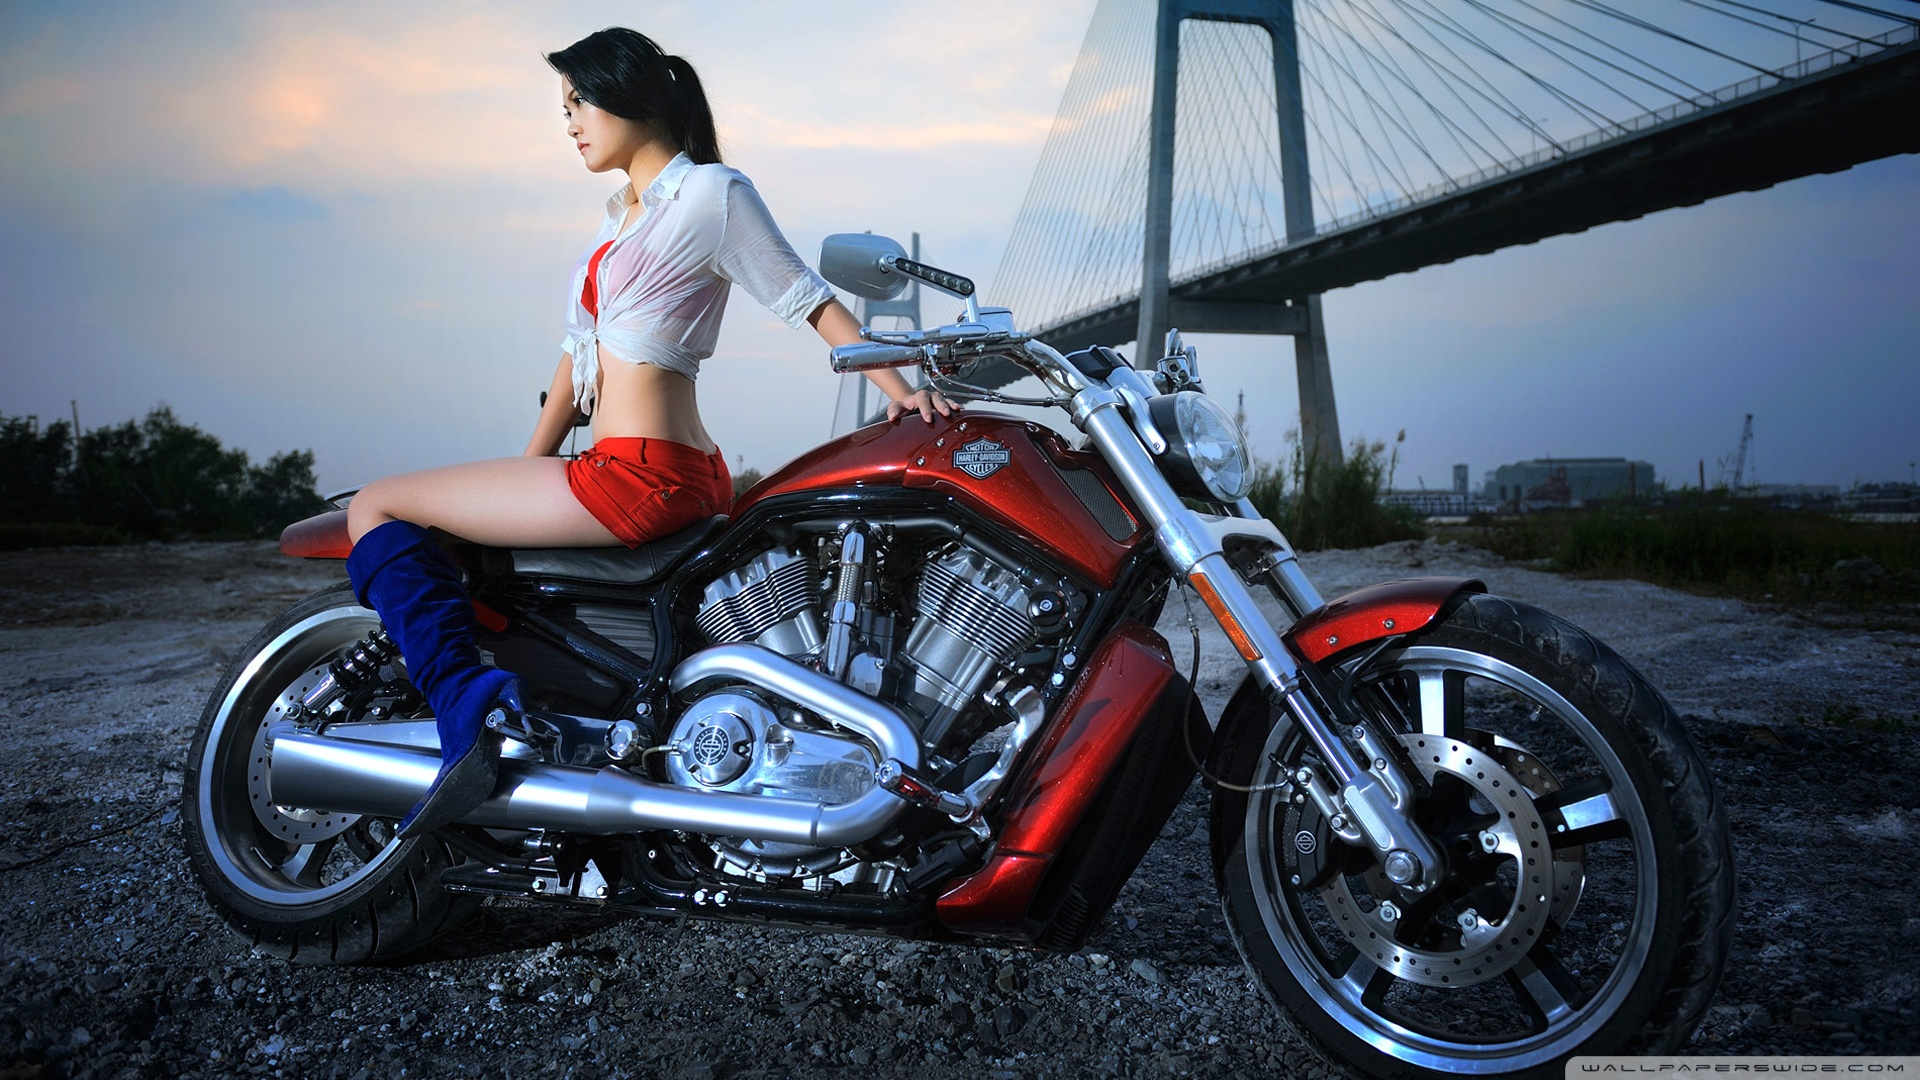 Harley Girls Wallpaper - WallpaperSafari